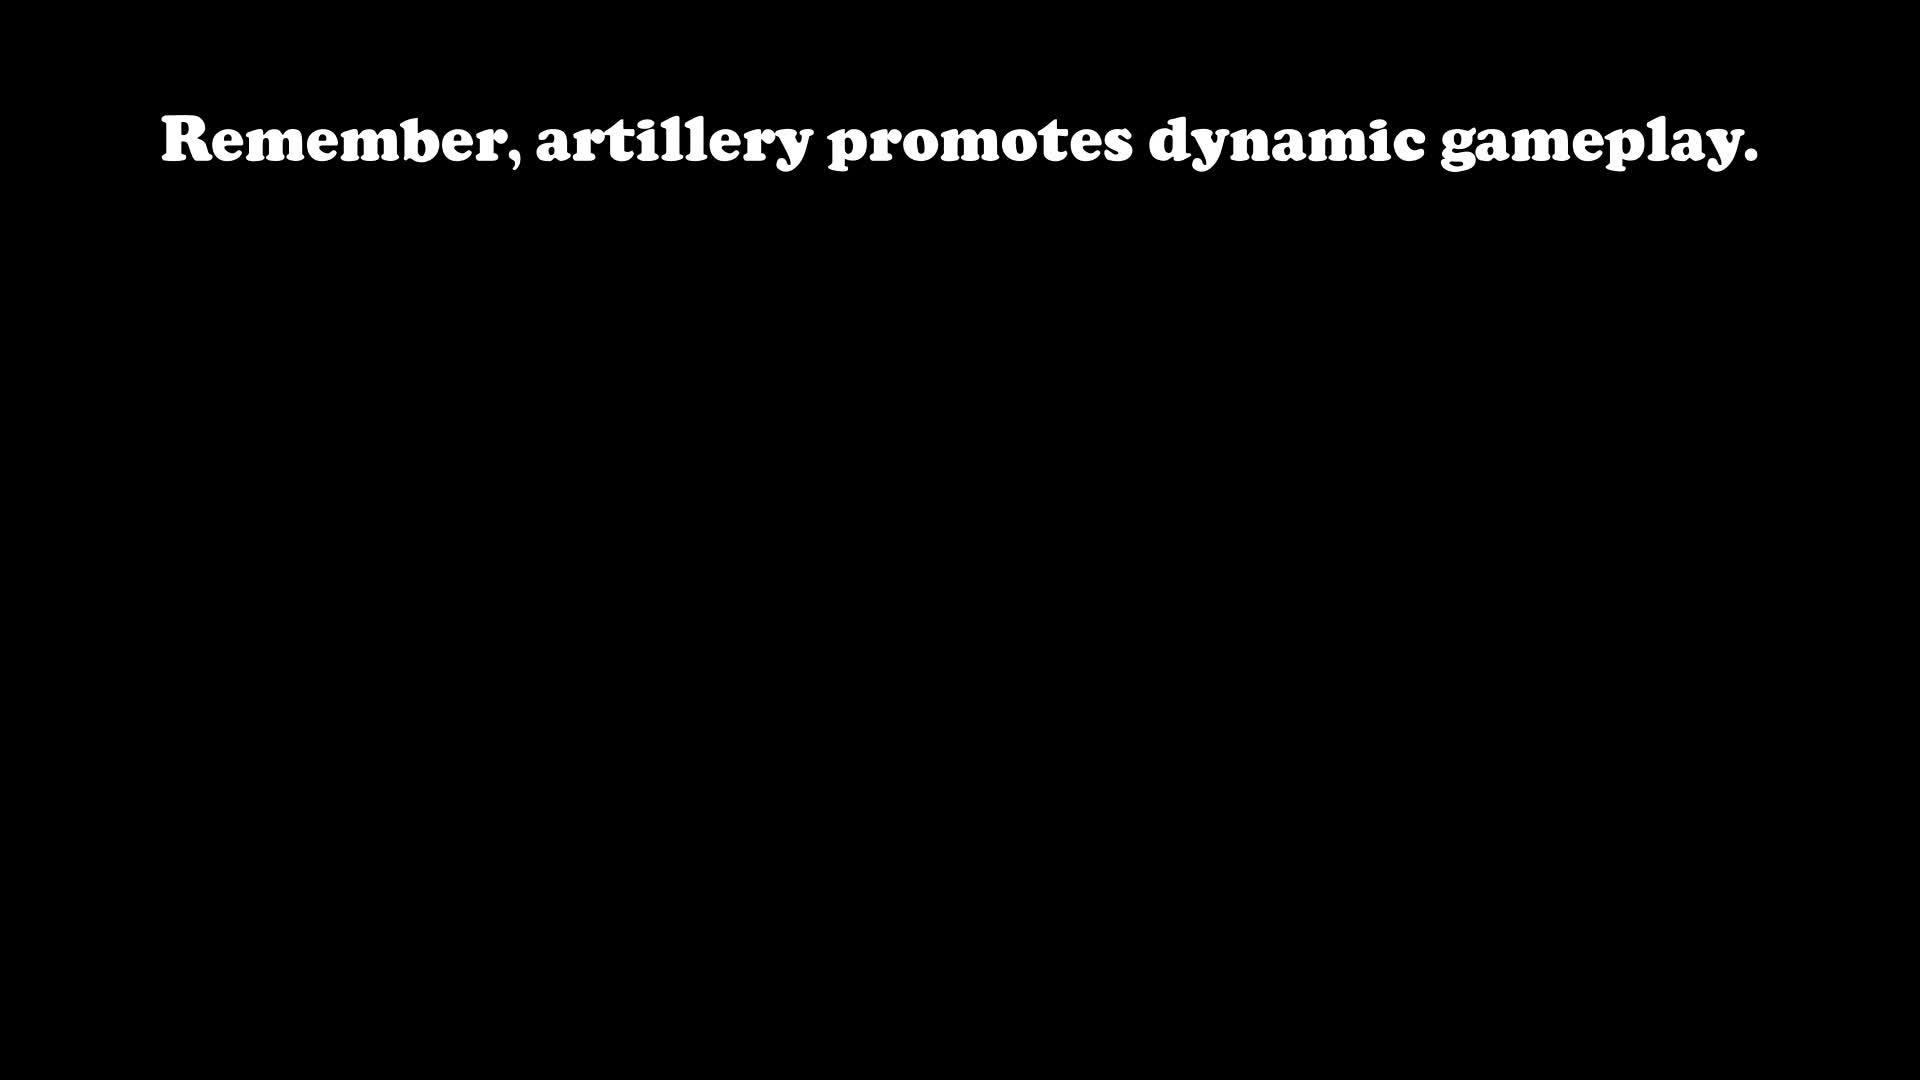 arty, world of tanks, worldoftanks, Dynamic Gameplay GIFs